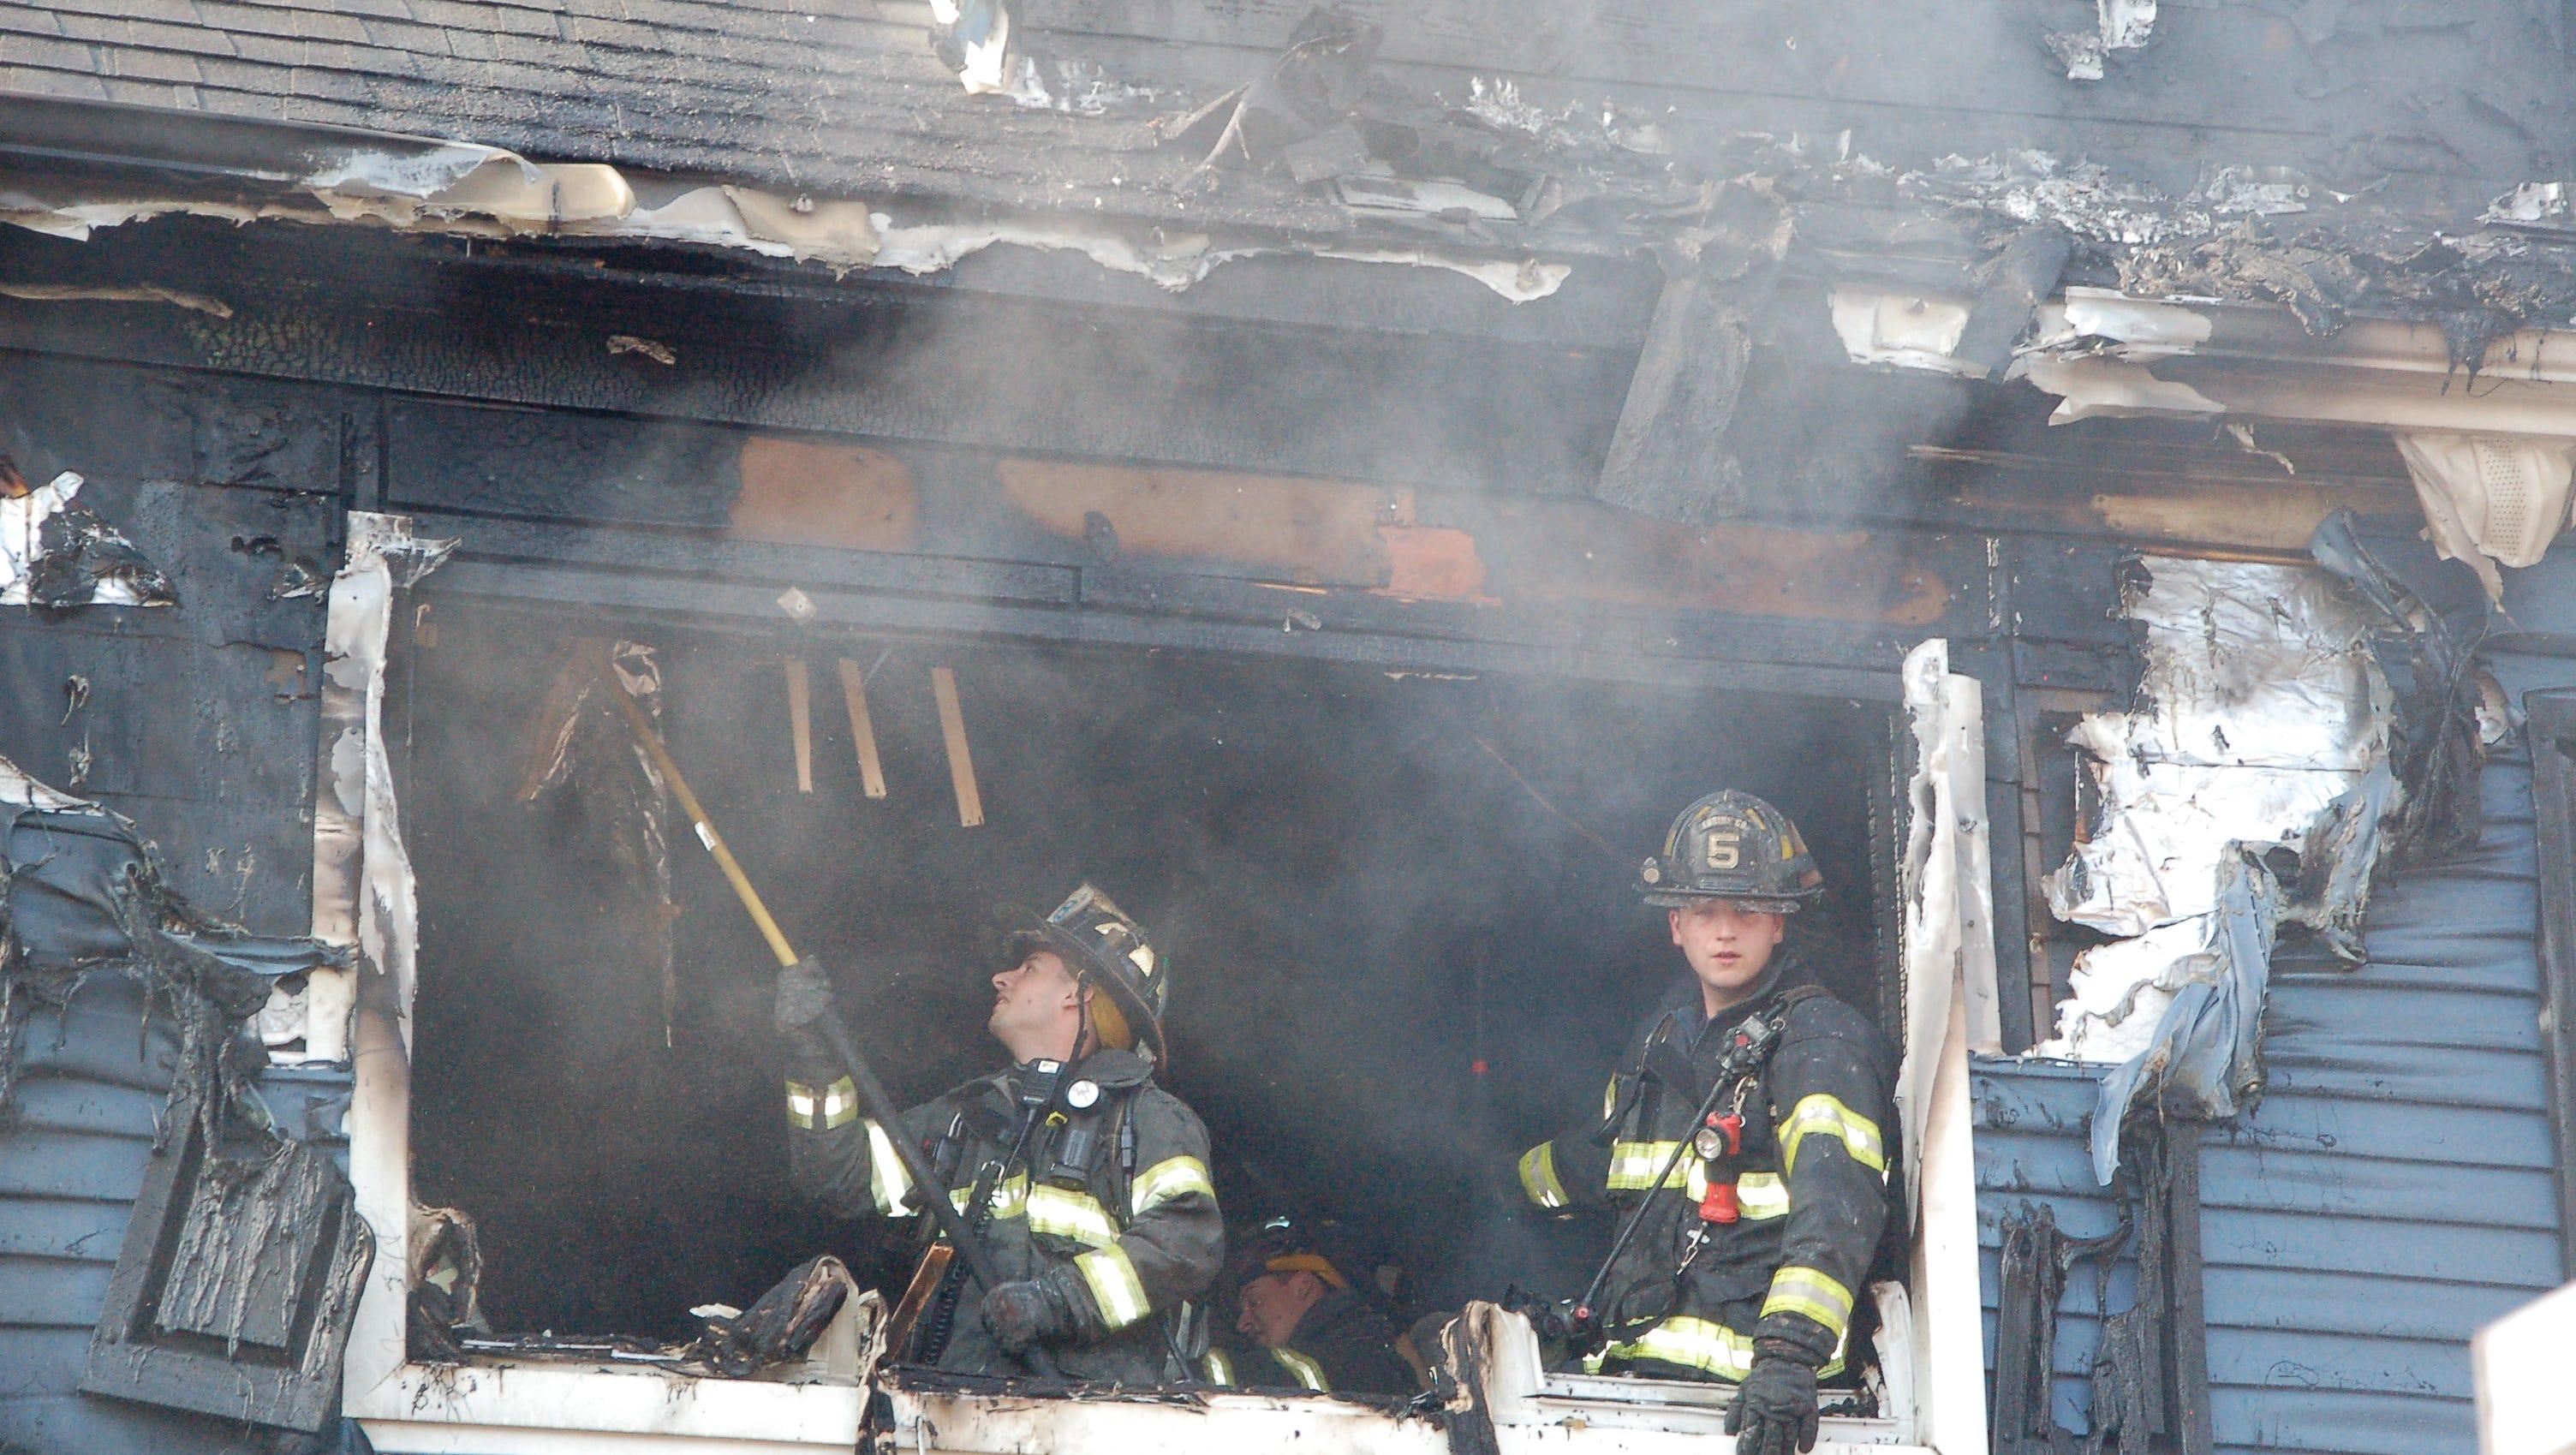 Garfield Nj Fire Breaks Out In Home